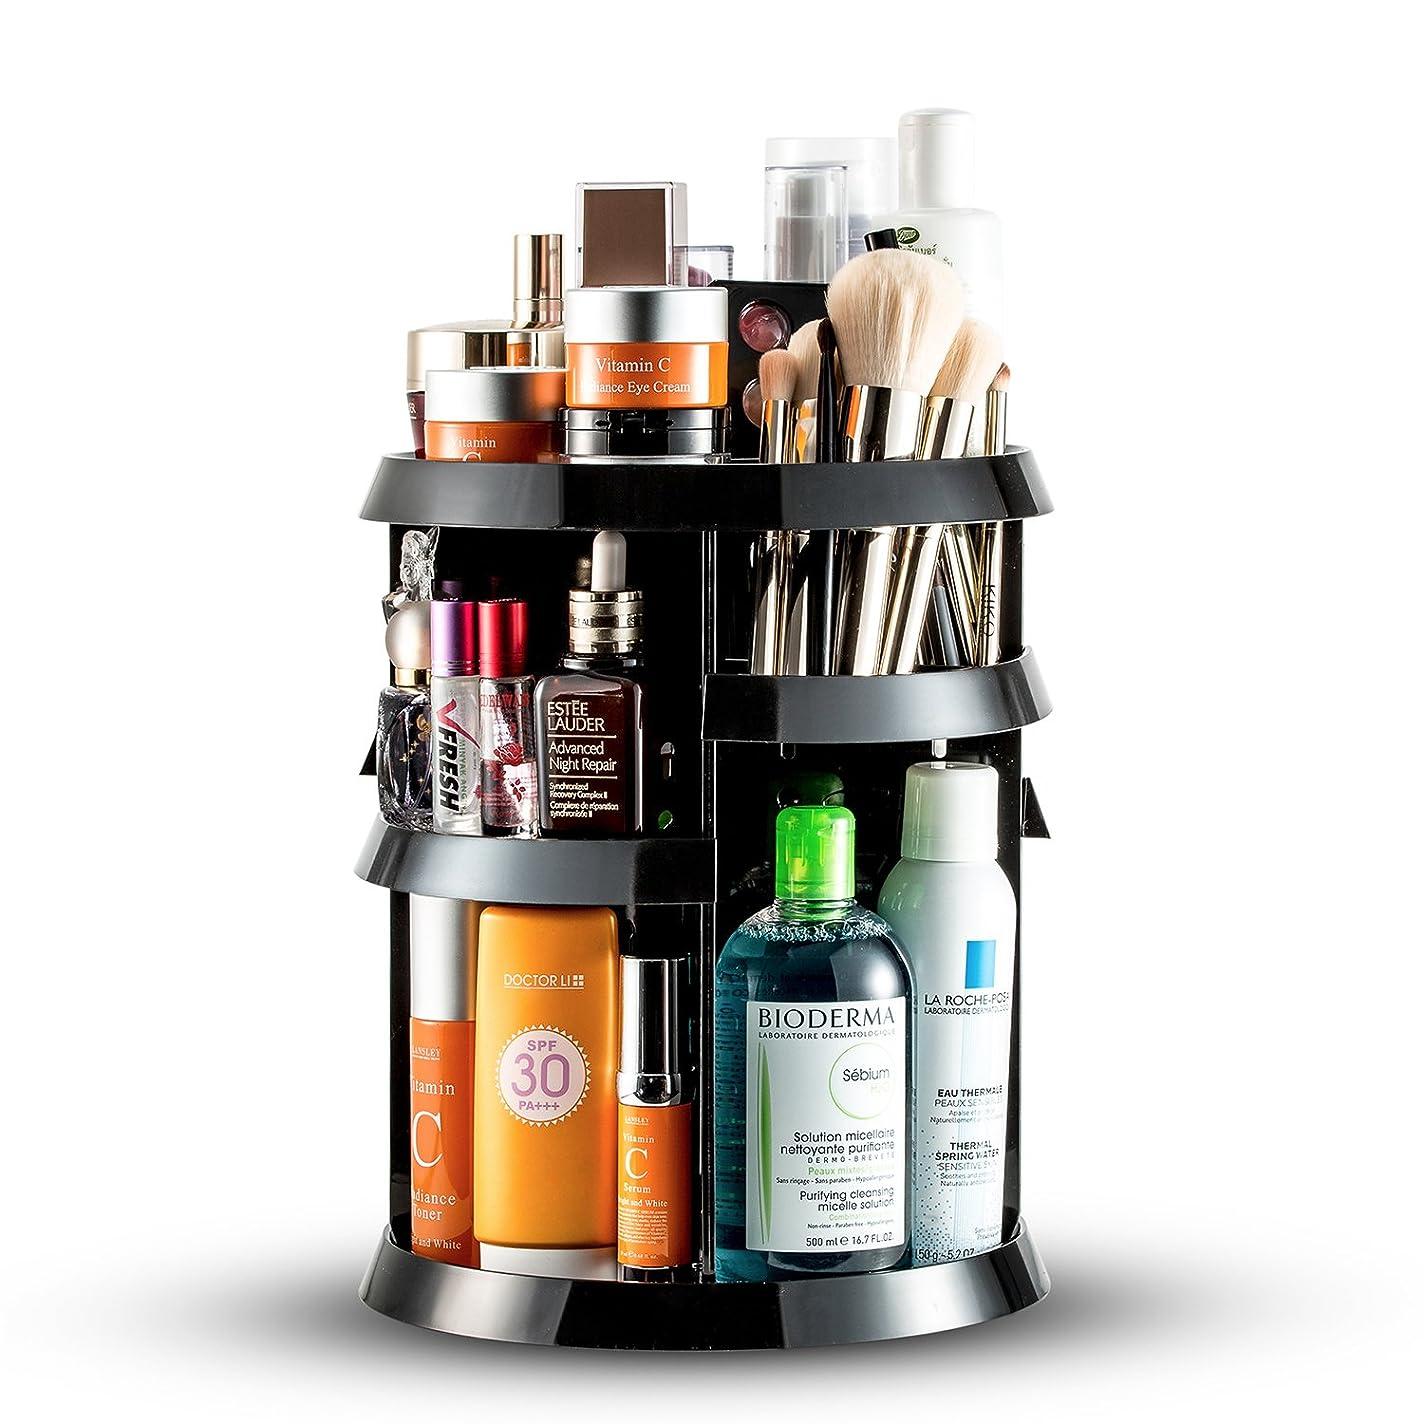 賭け最適不安定360度回転メイクオーガナイザー、調節可能な多機能化粧品収納ボックス、ディスプレイスタンド、7層、メイクアップ、トナー、クリーム、メイクブラシ、リップスティックなど(ブラック)